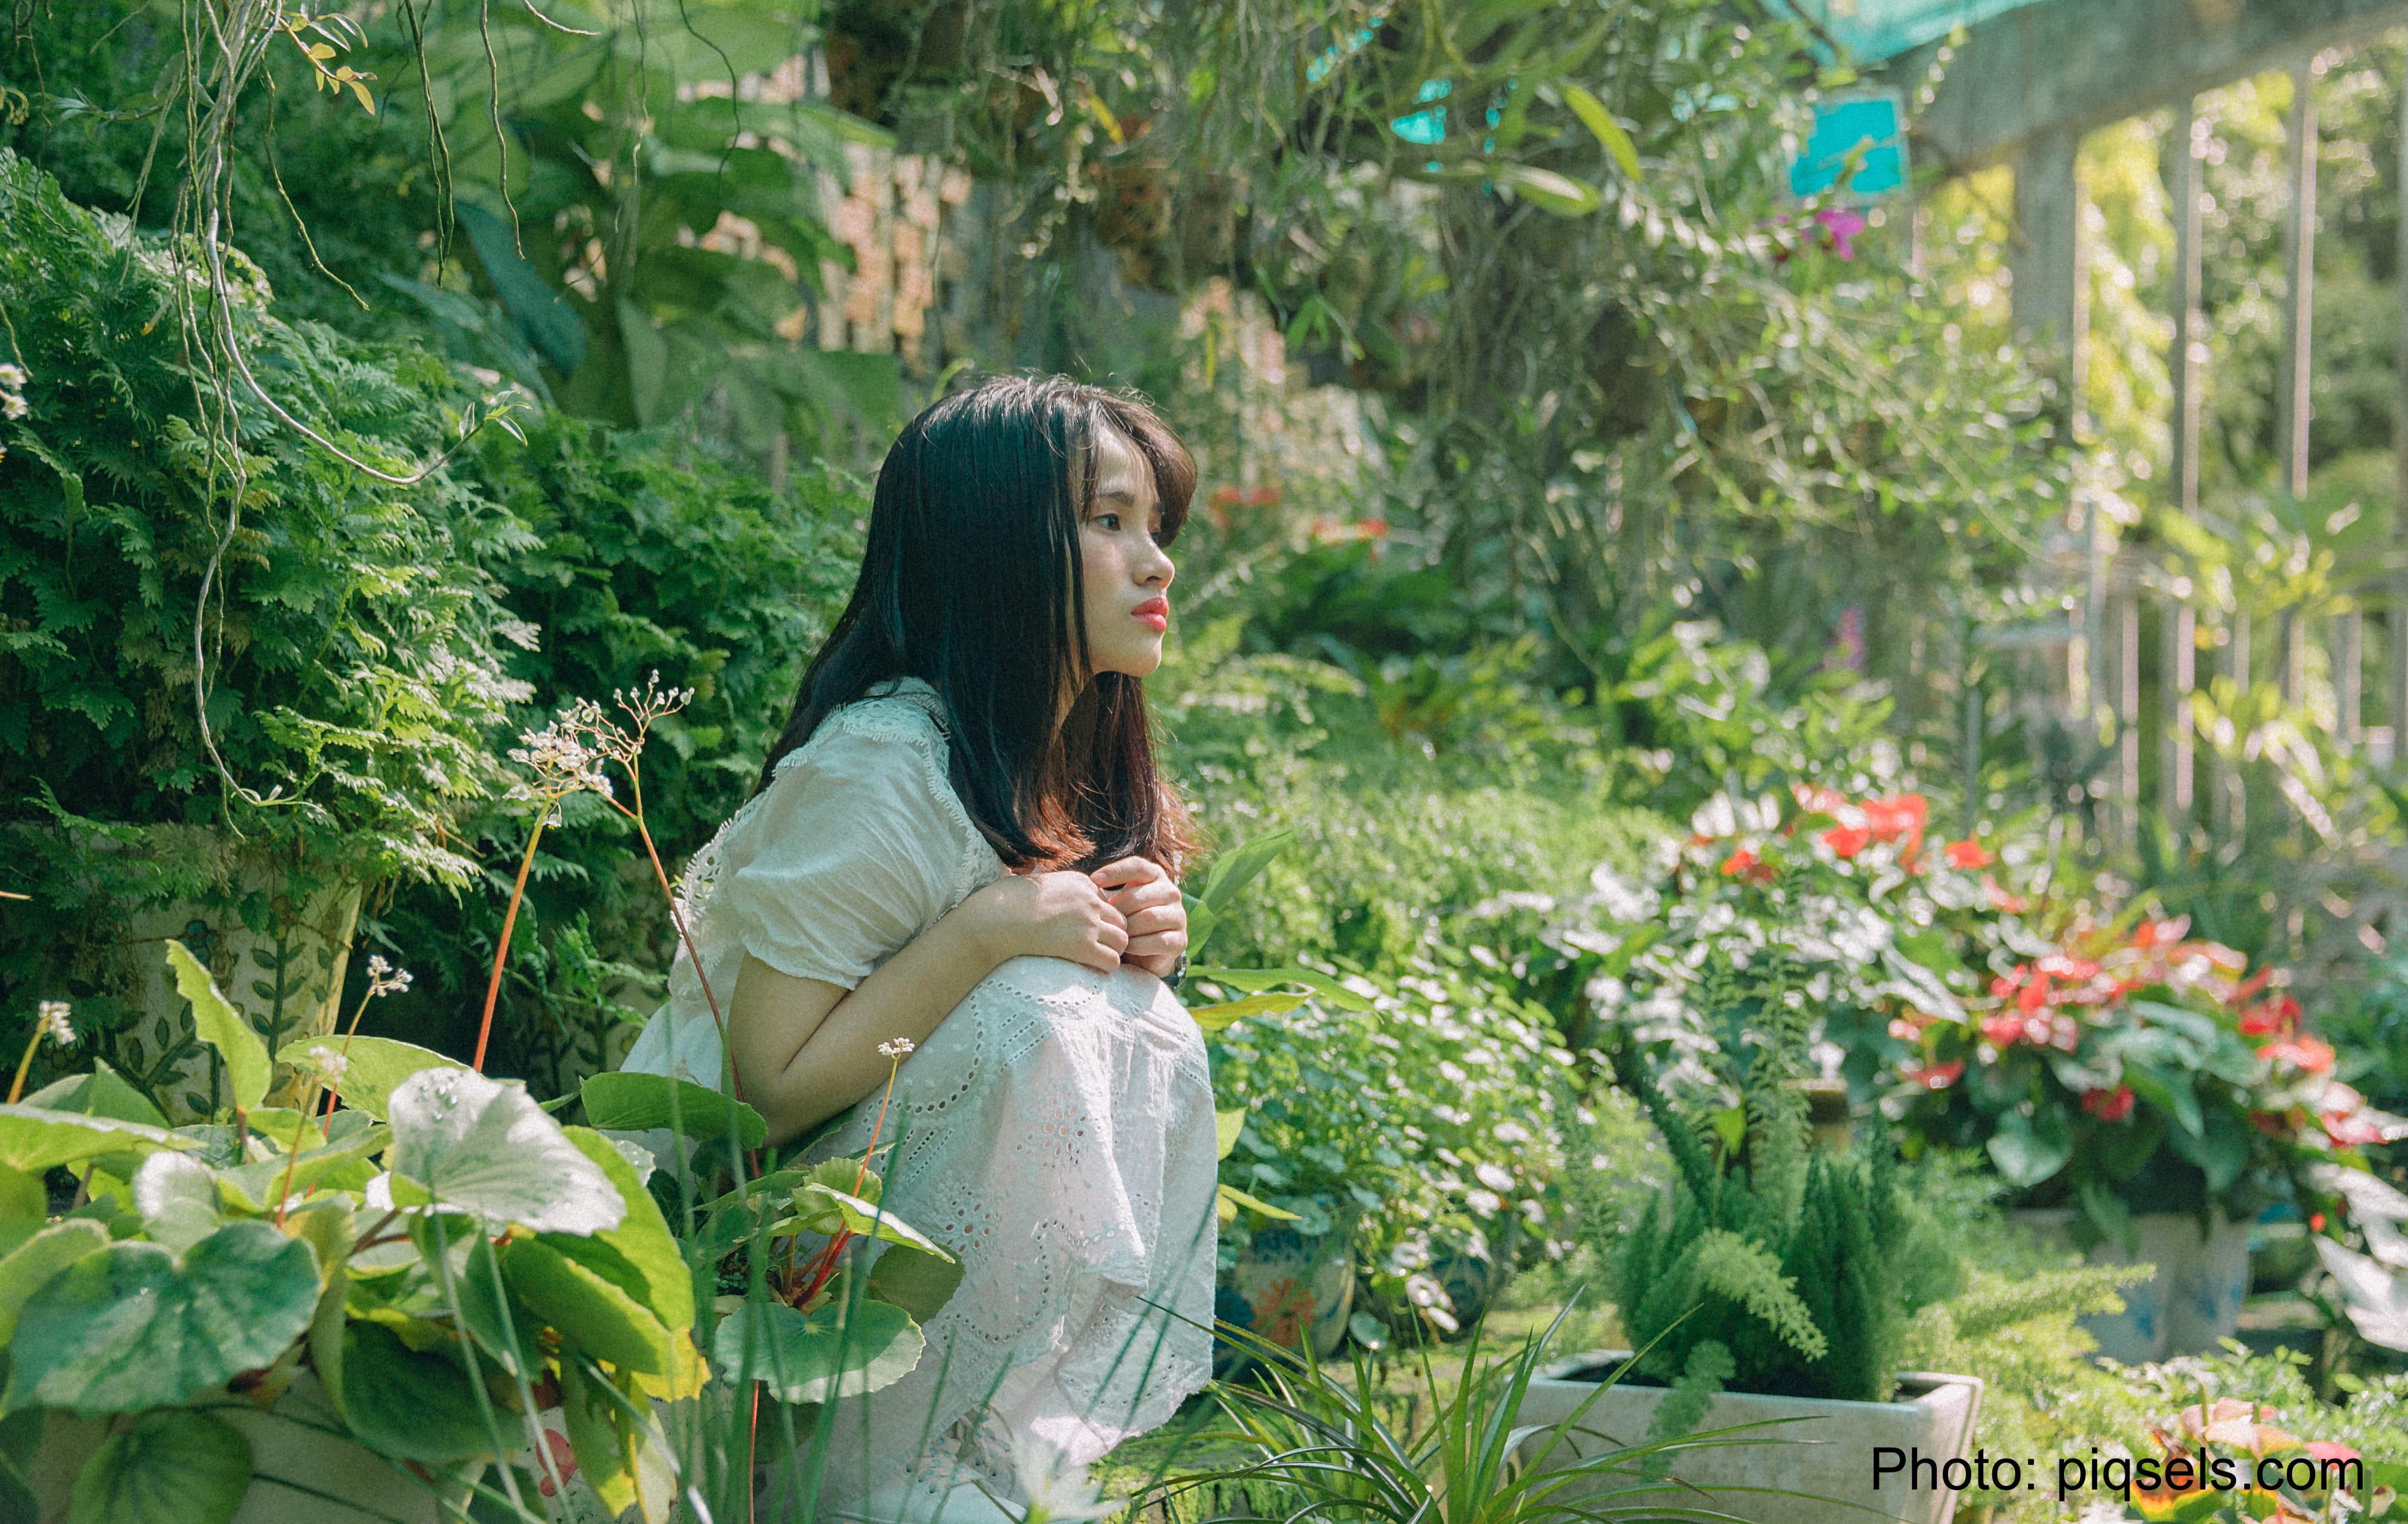 Pensive woman in flower garden.